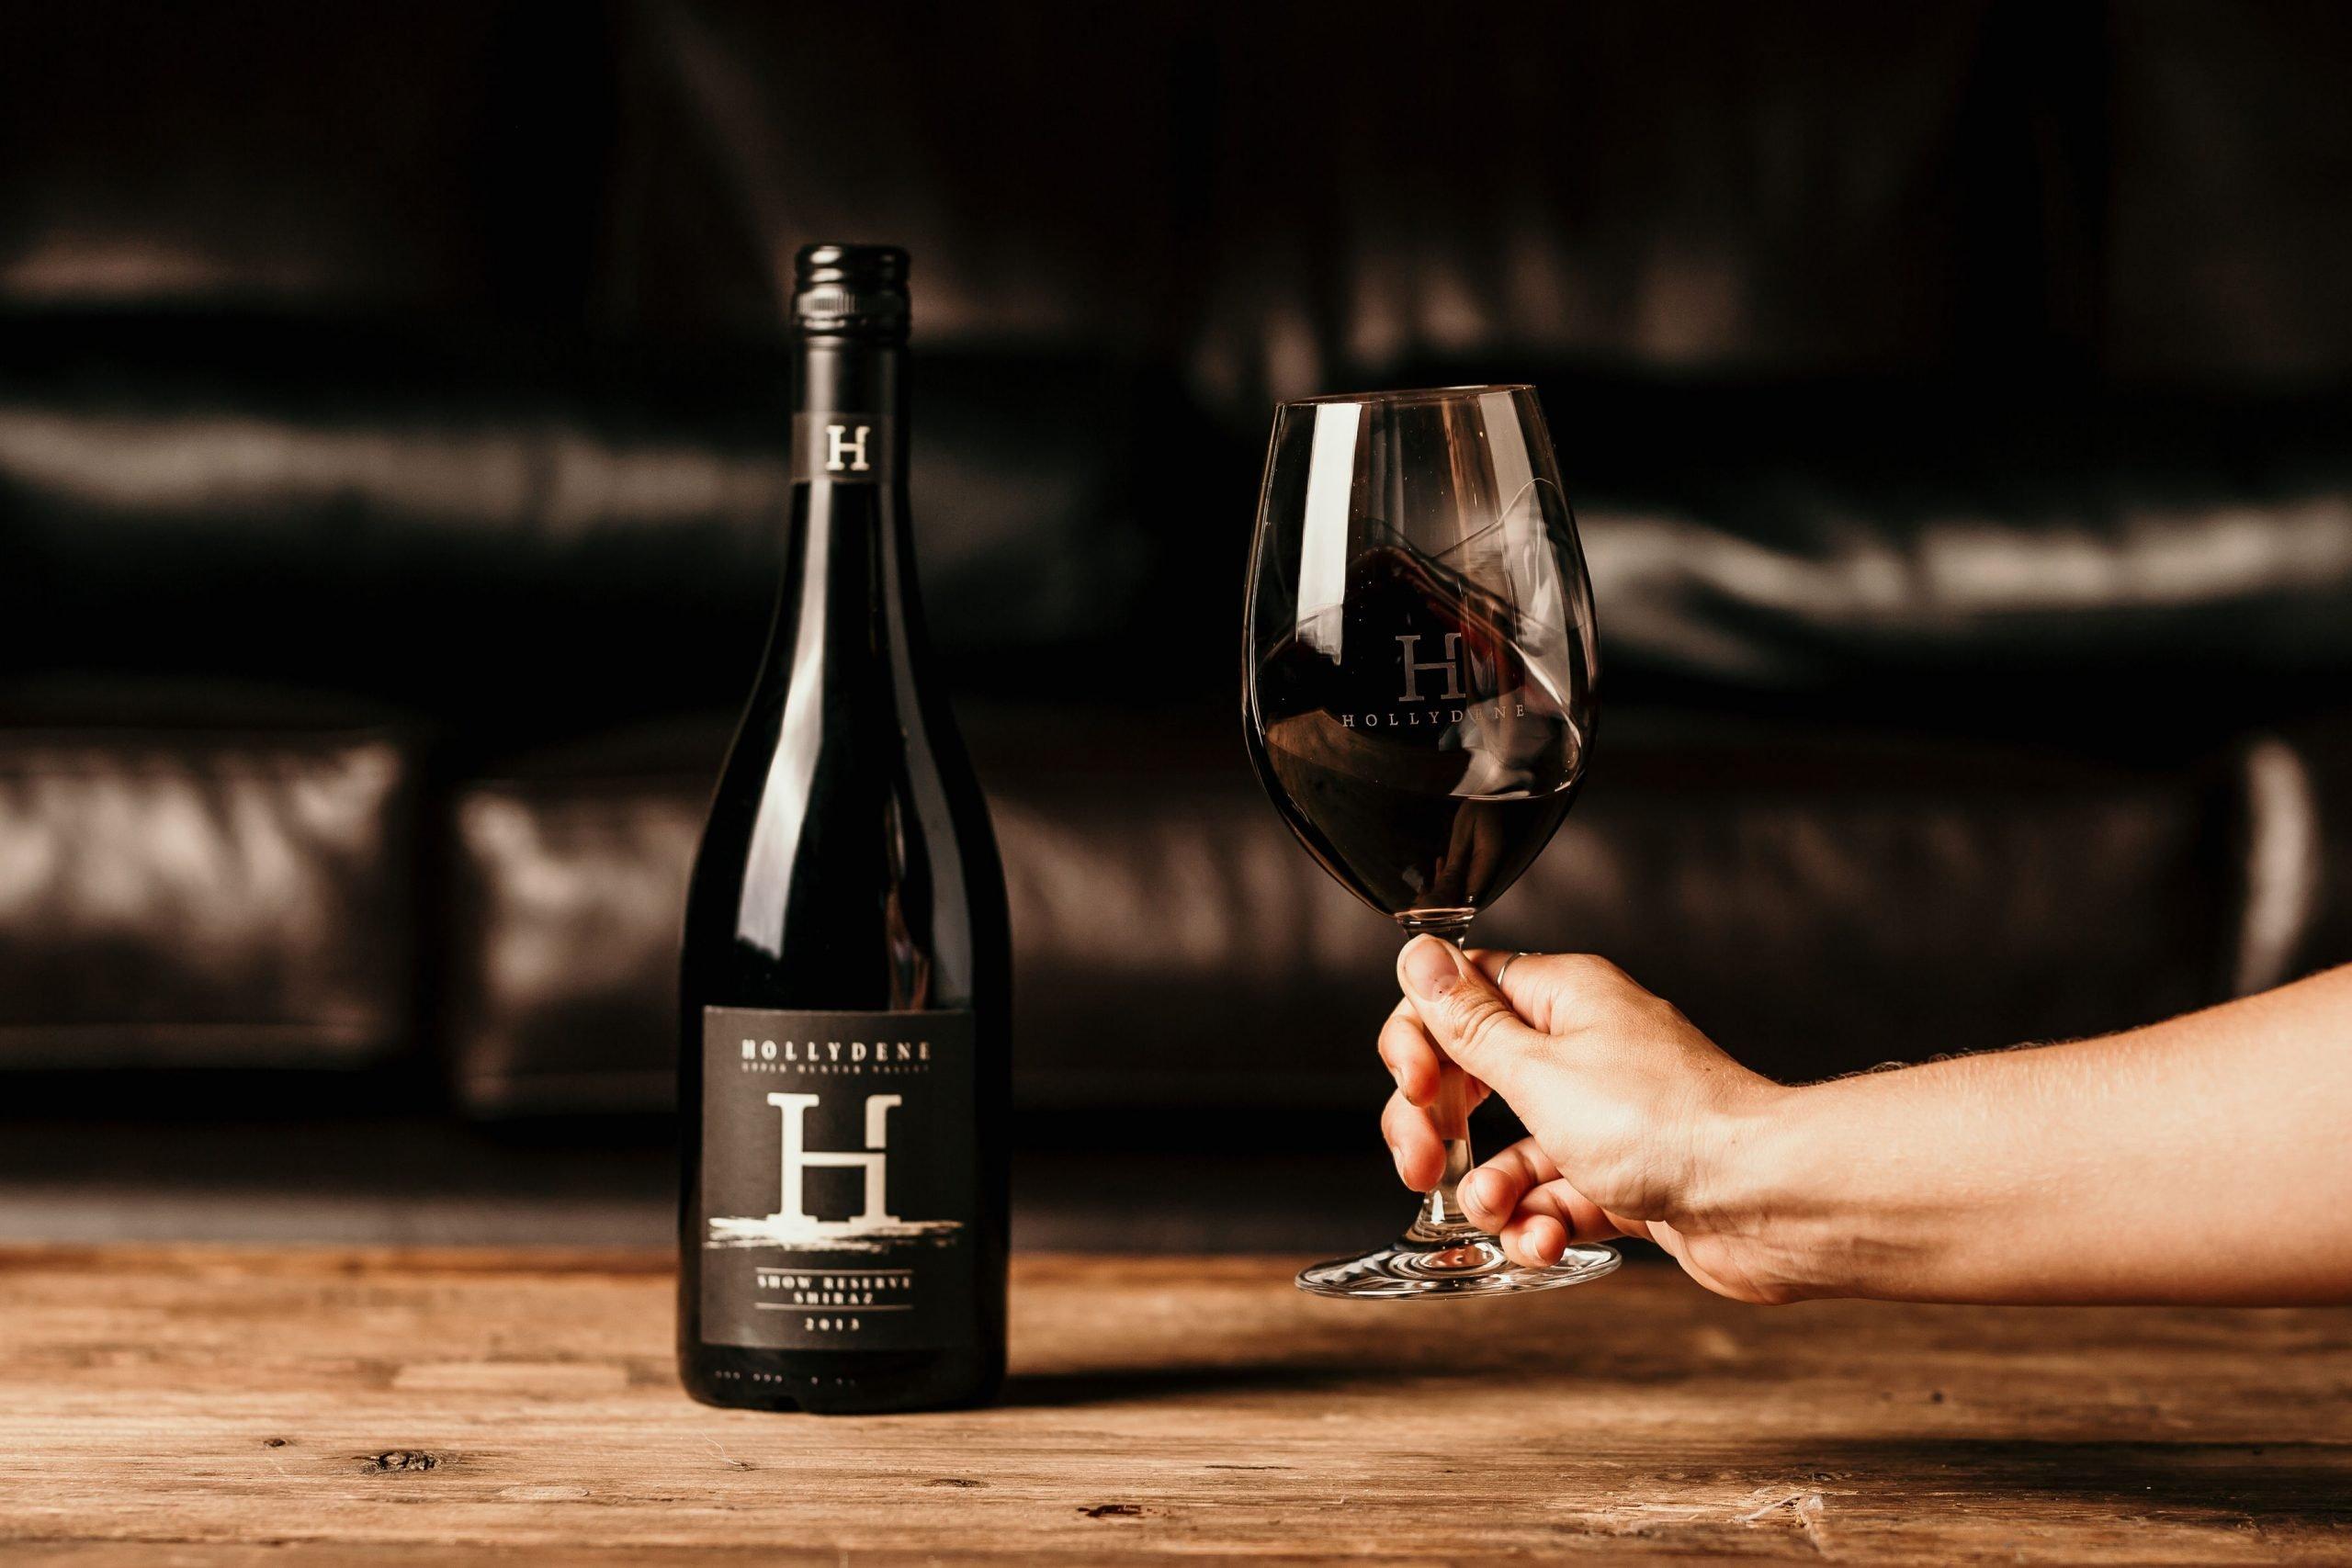 Vines at Hollydene Restaurant